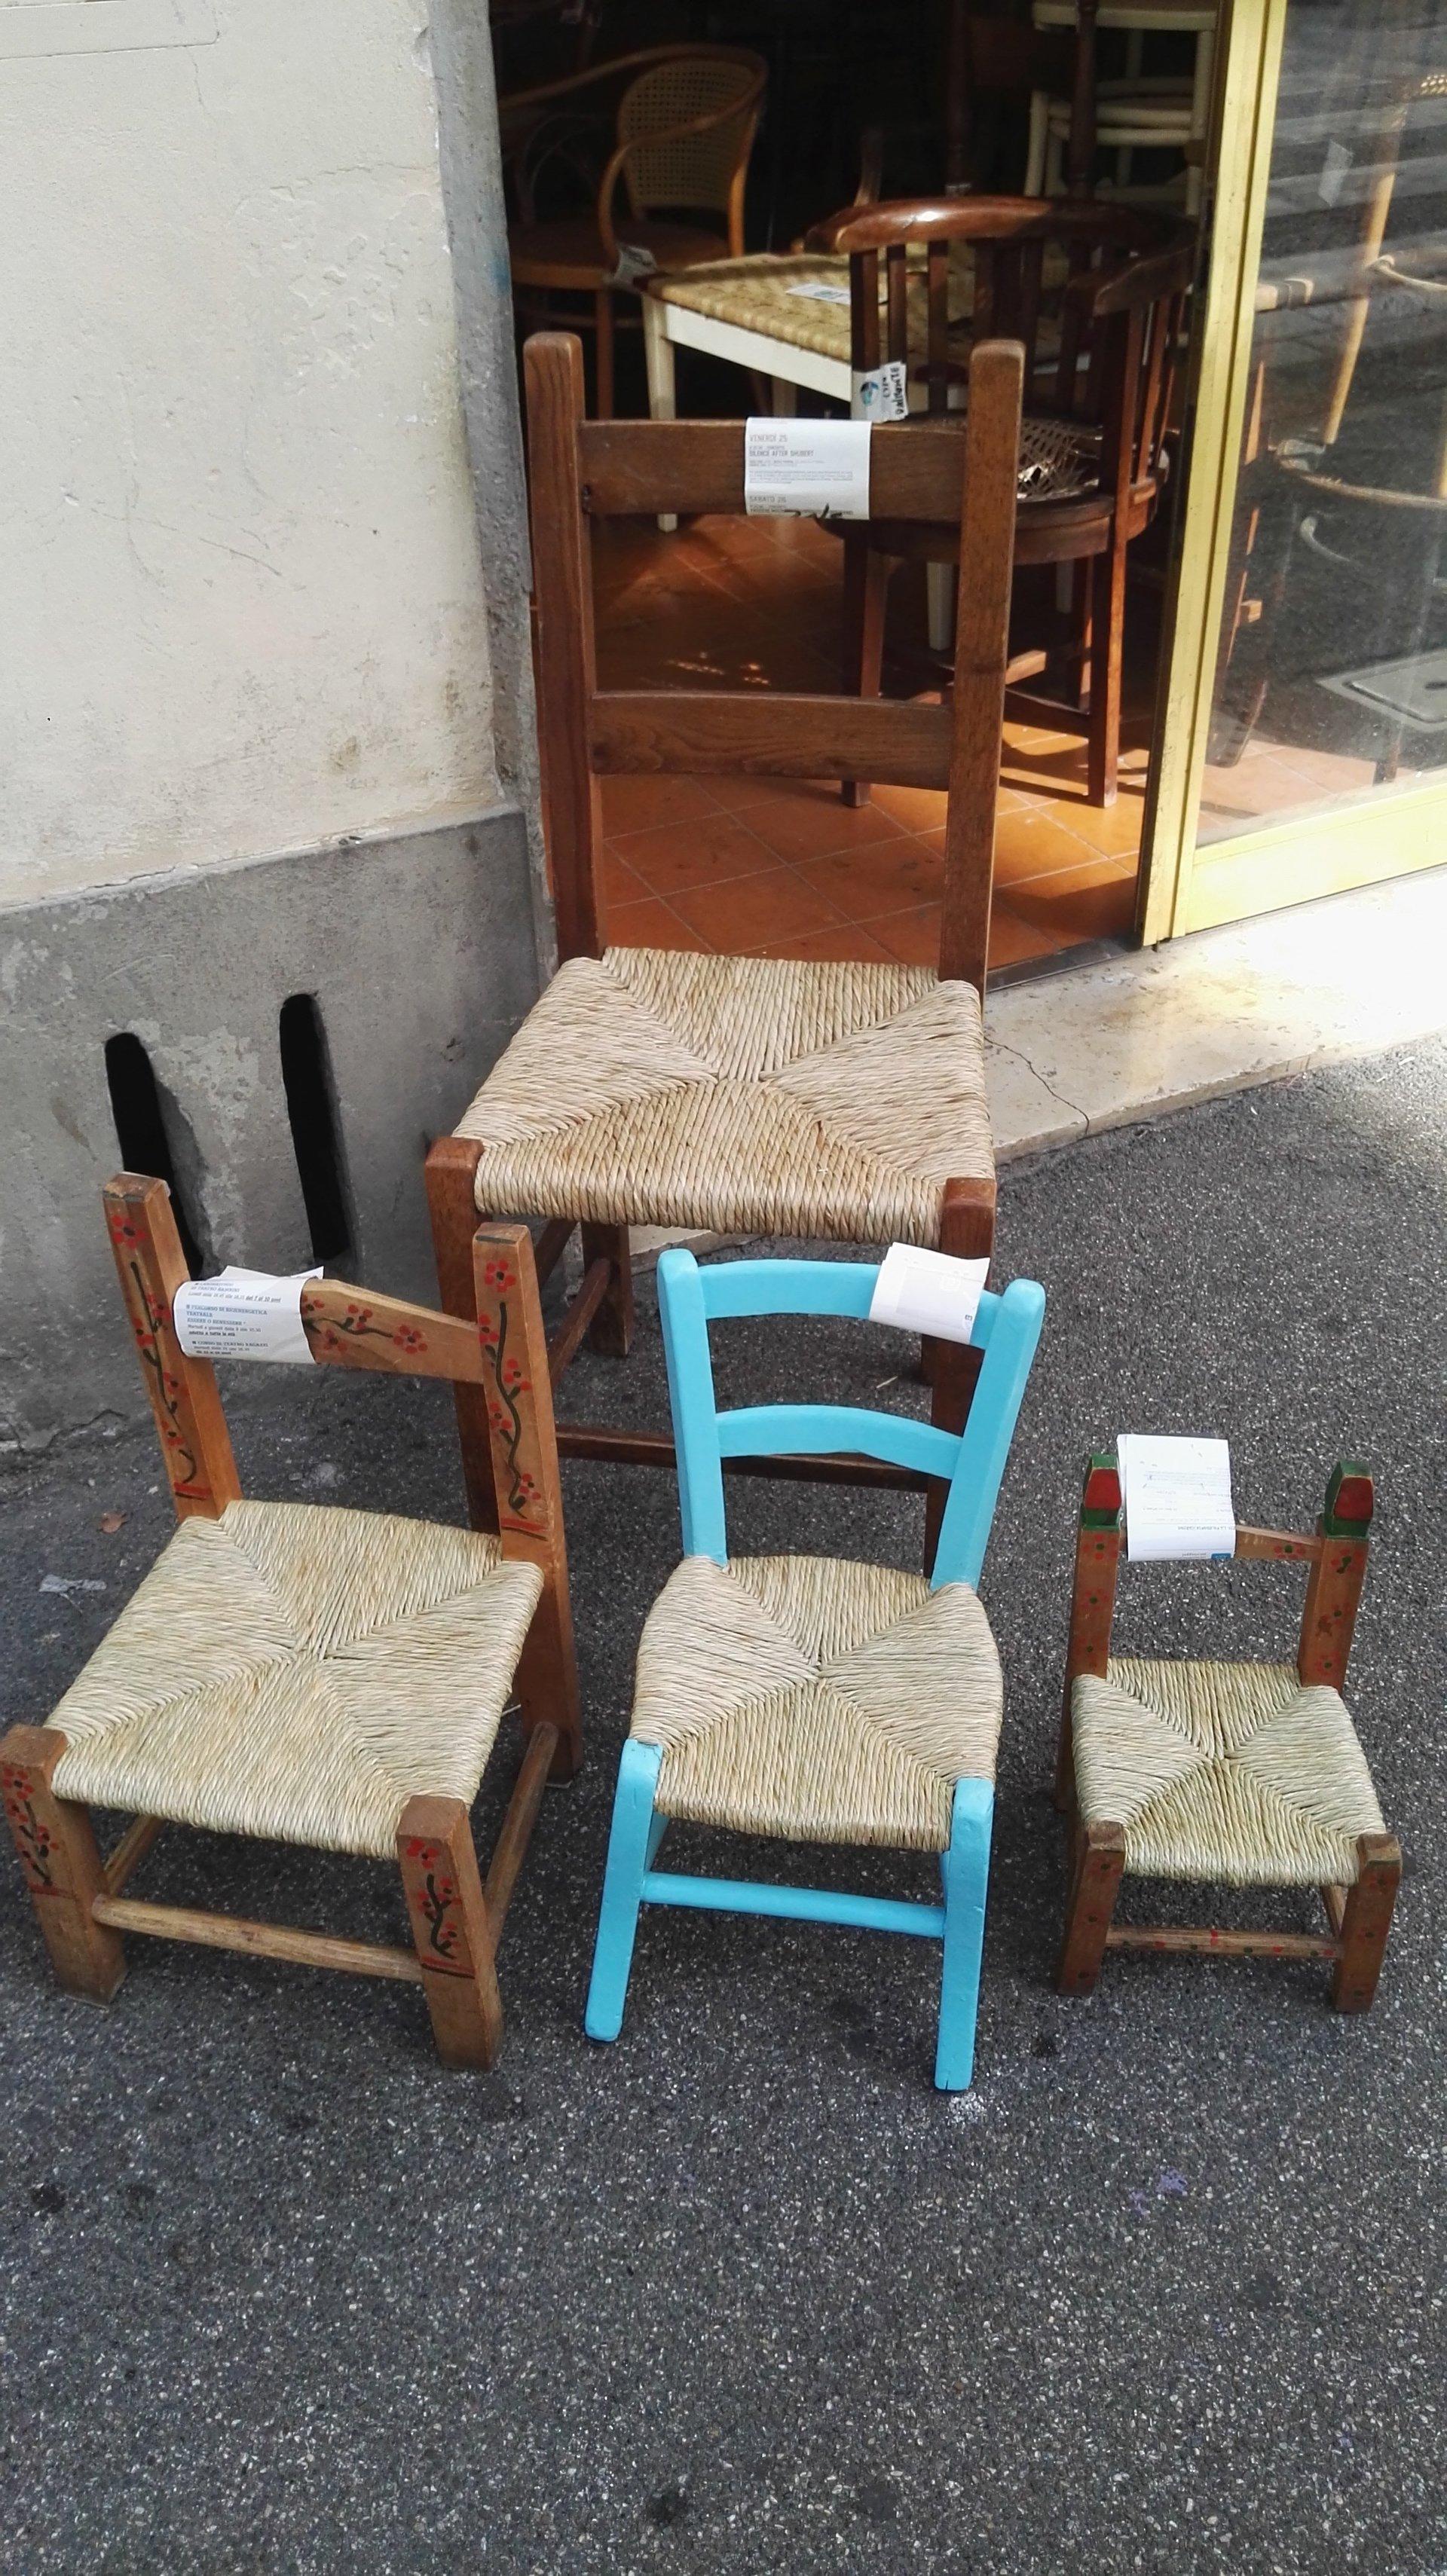 vista di sedie capovolte con sedute di paglia intrecciata a mano